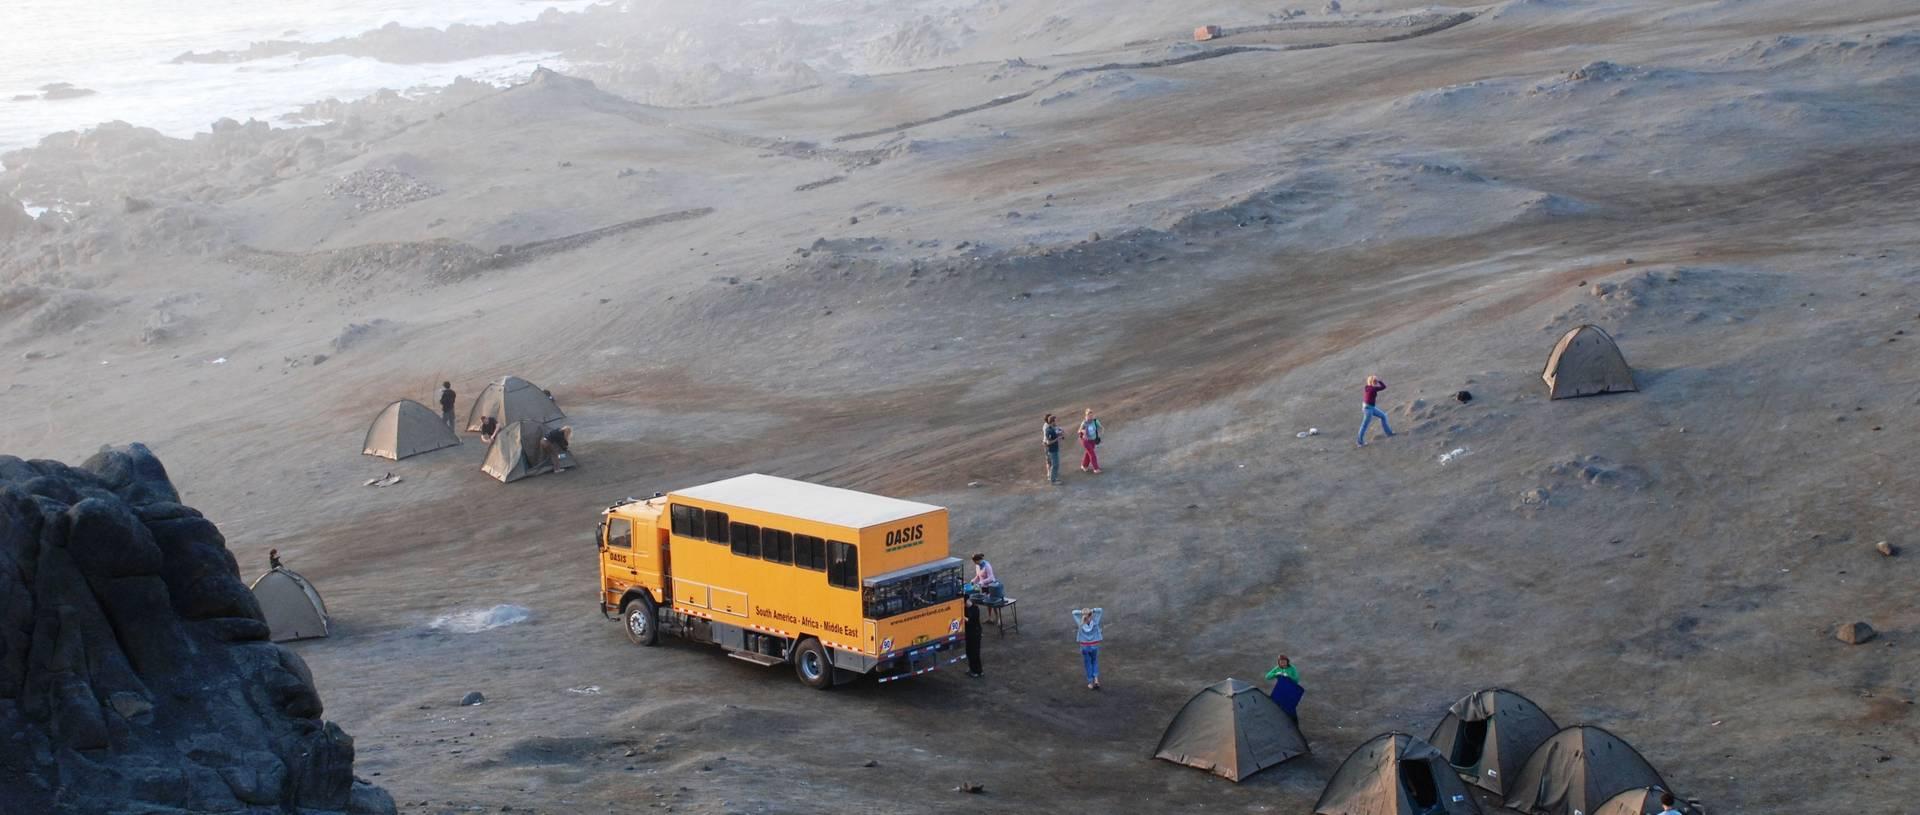 Bush Camp, Peru, Truck & Tents